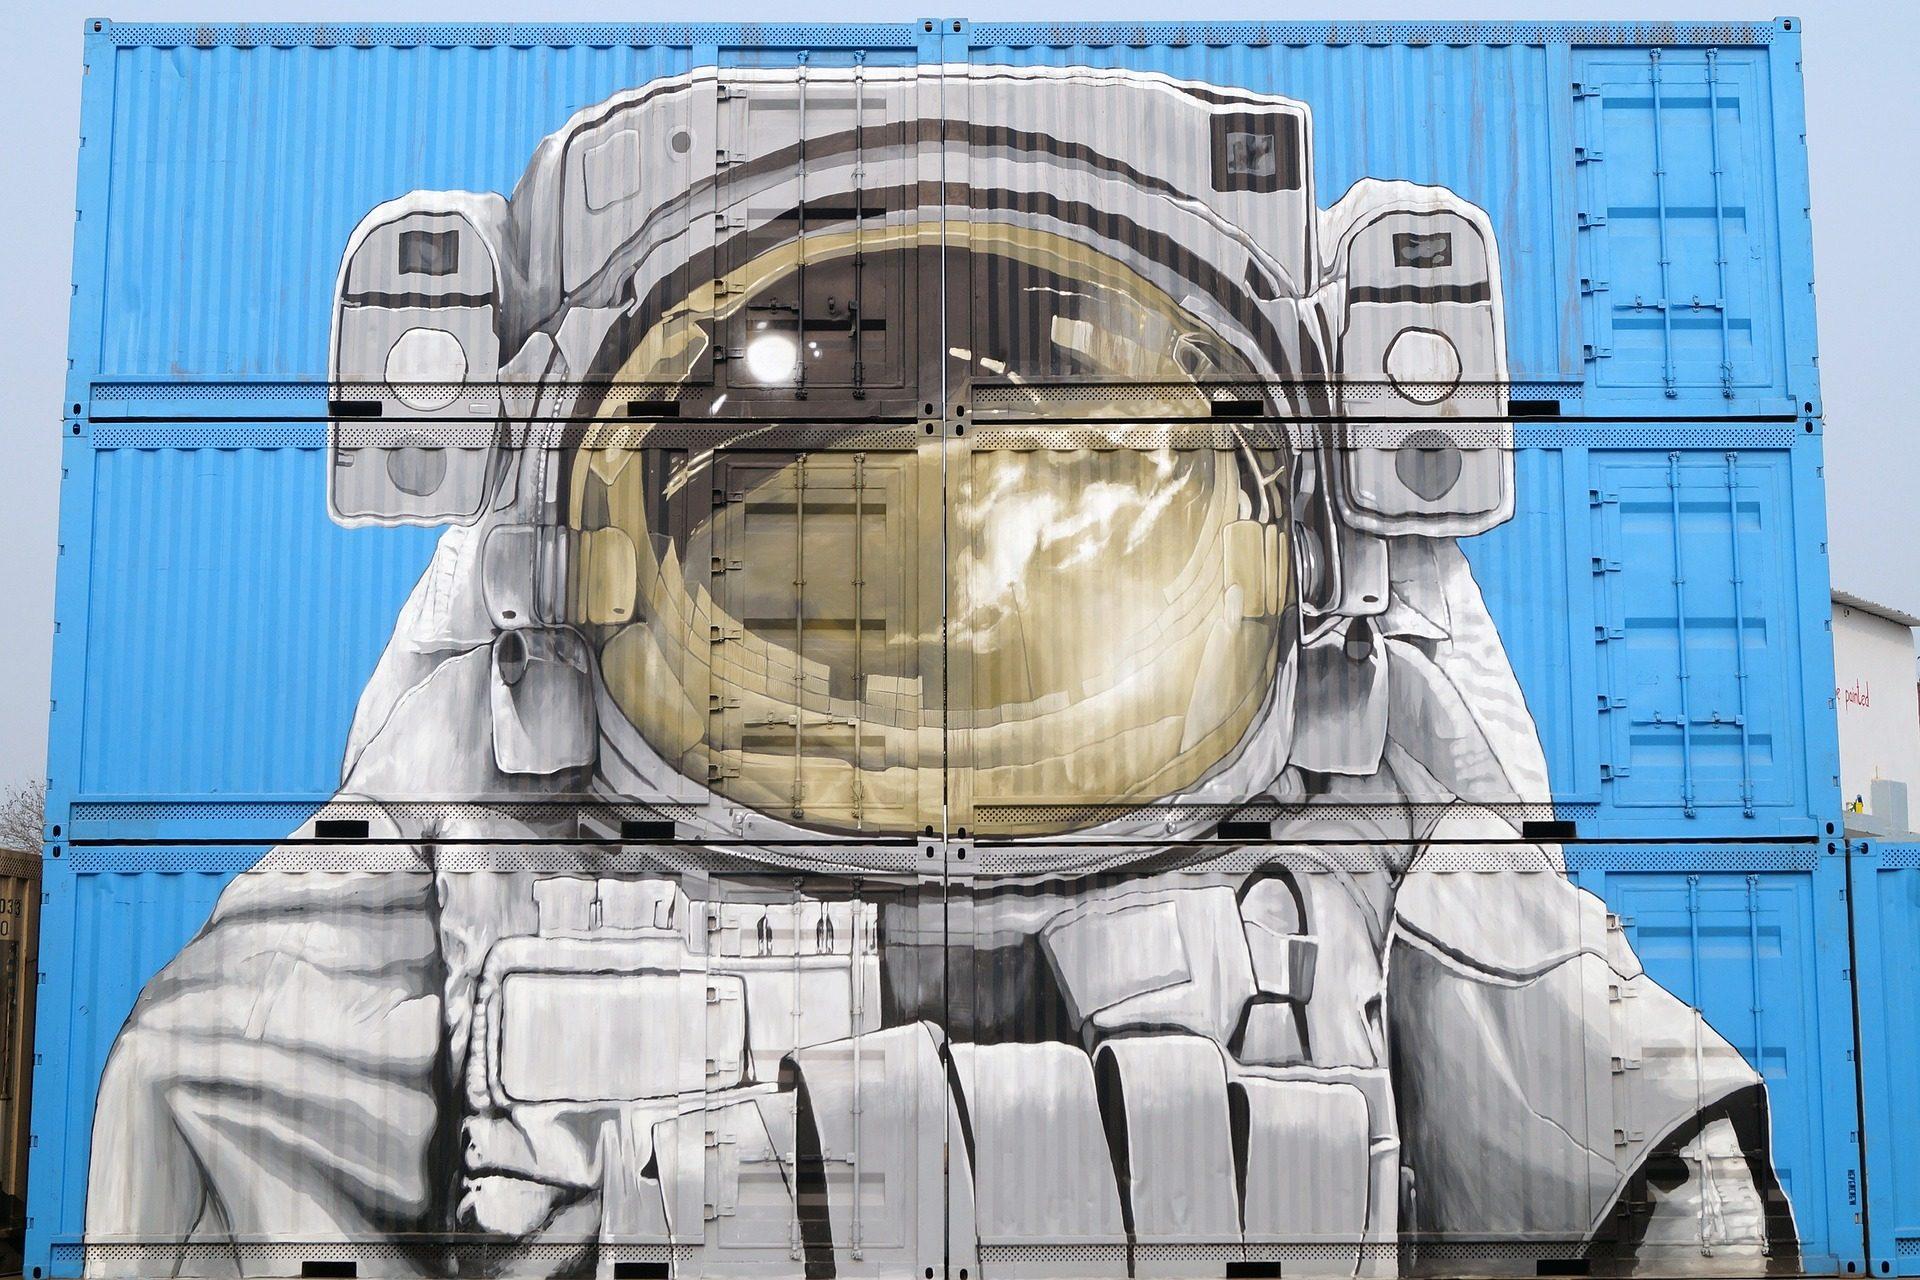 涂鸦, 绘画, 宇航员, 容器, 街道 - 高清壁纸 - 教授-falken.com